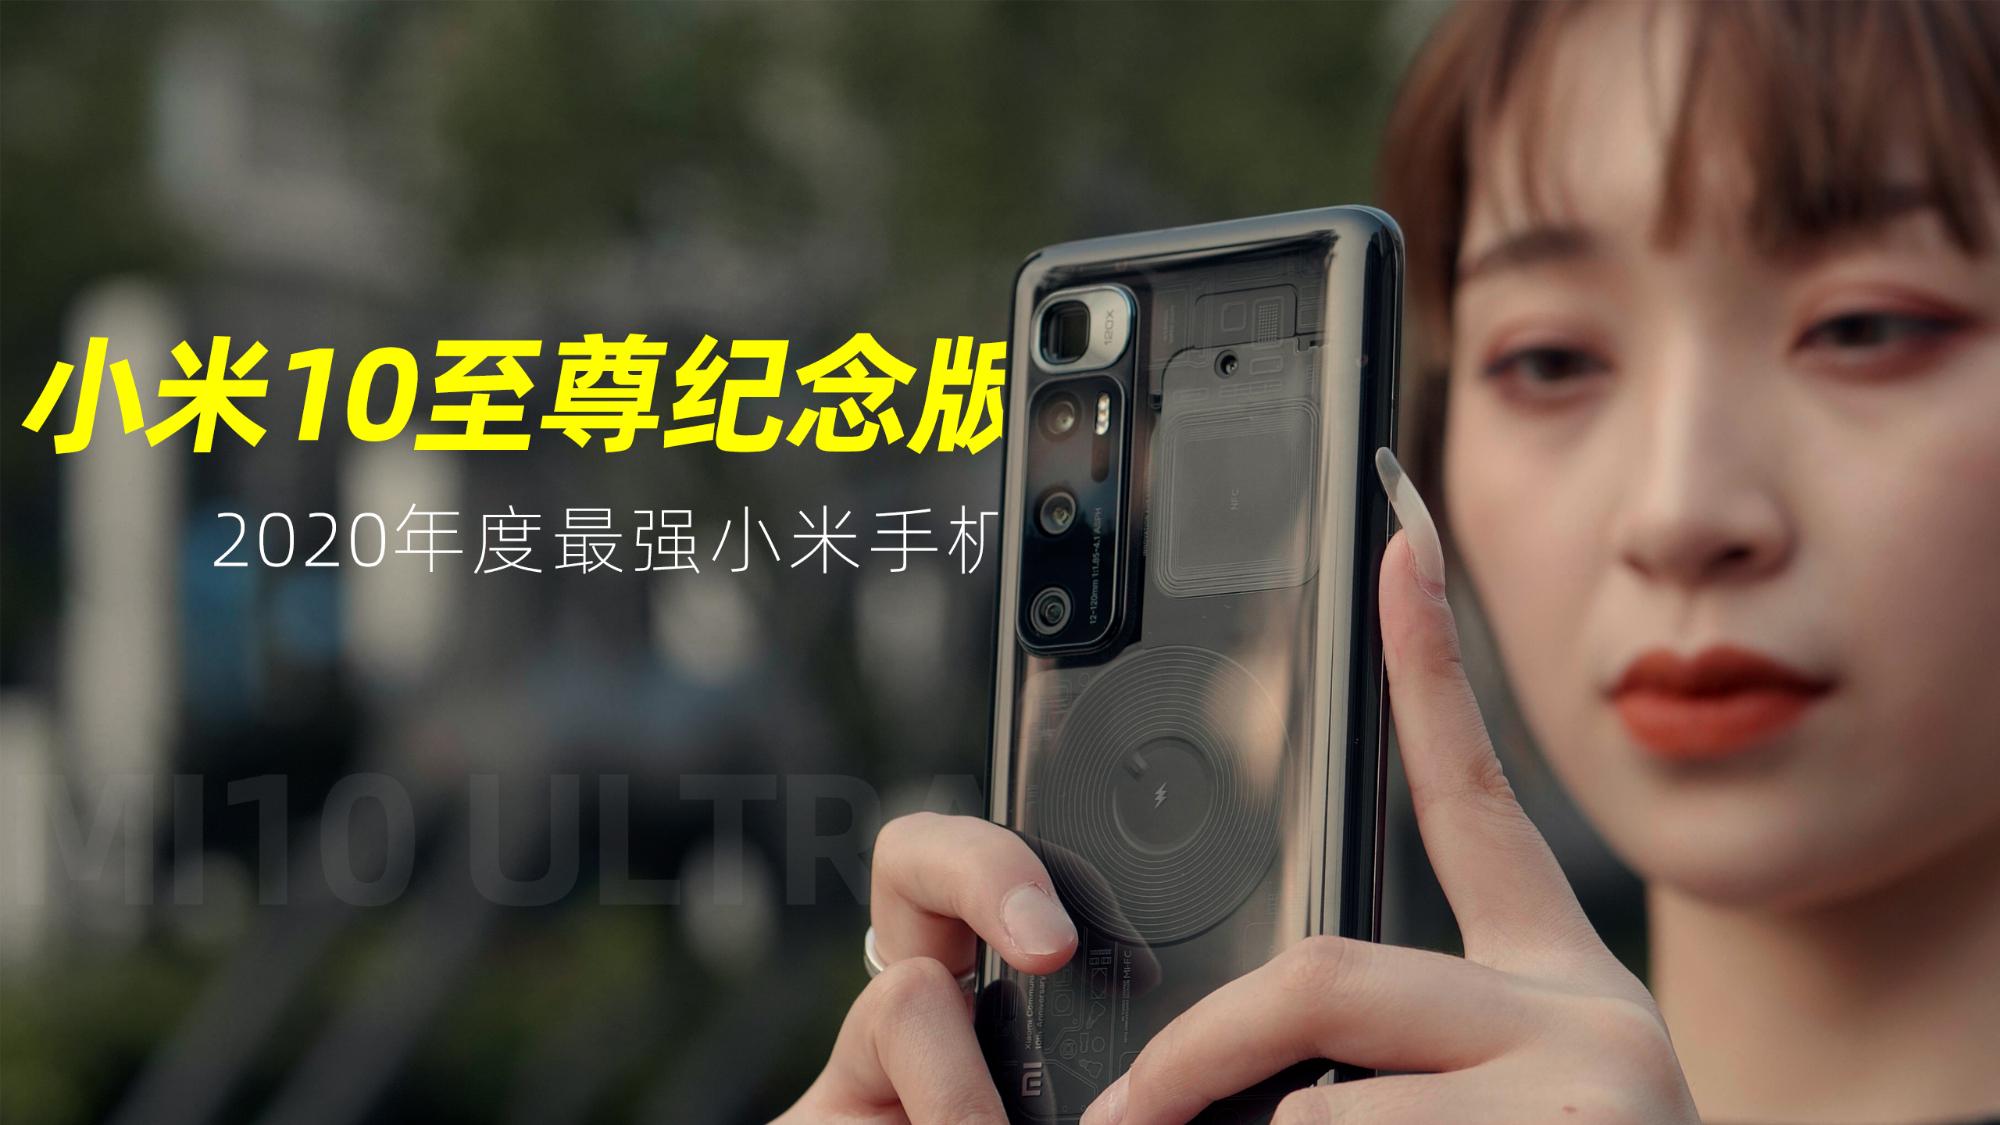 小米10至尊纪念版:2020年最强小米手机30天使用体验